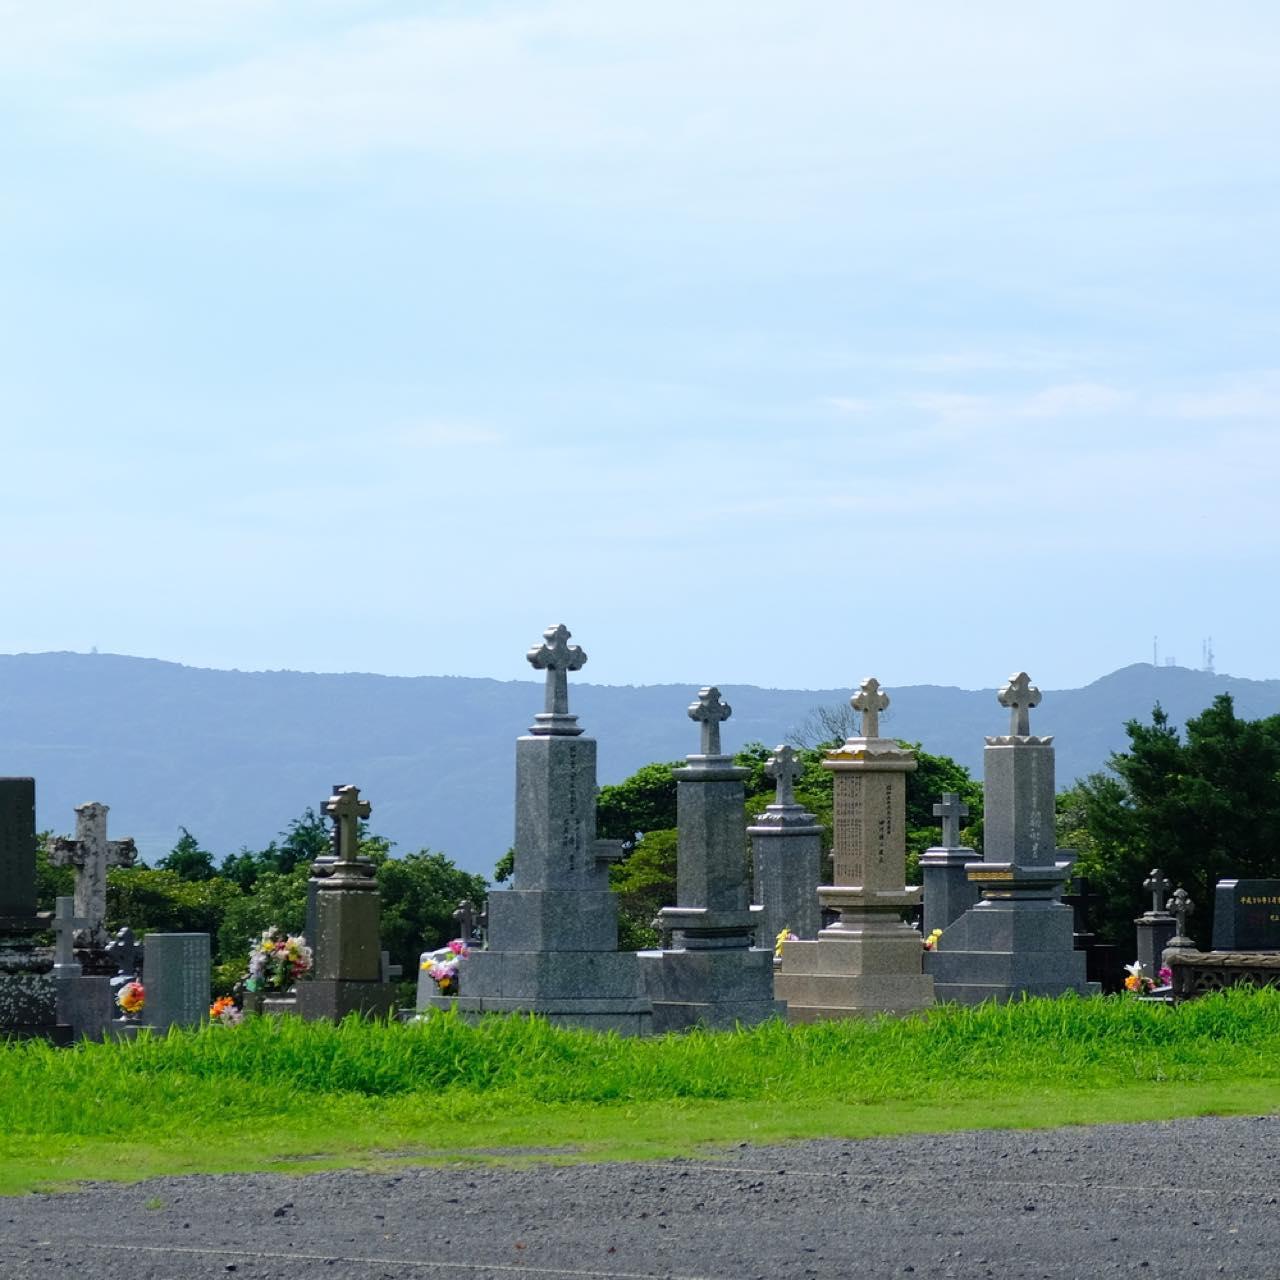 画像: 教会のすぐ横に墓地があるのも珍しく、またこれらが周囲の自然と程よく調和していて、この一帯からは荘厳な雰囲気が感じられました。